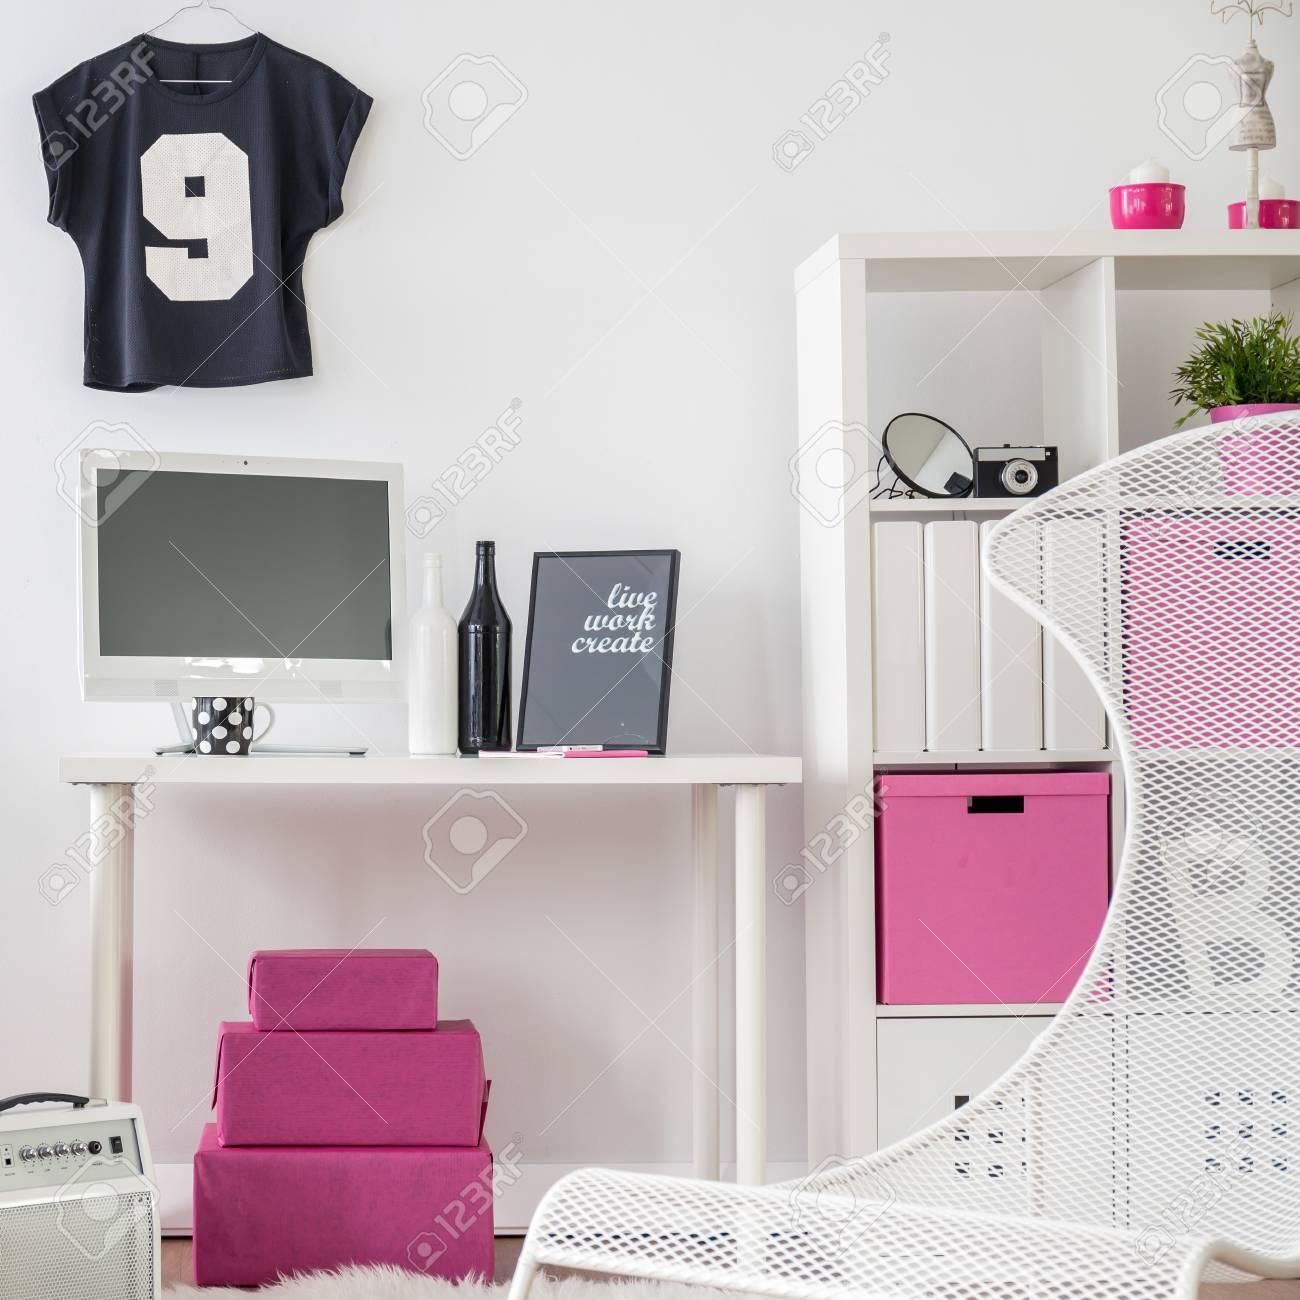 Schlafzimmer Und Arbeitszimmer Kombiniert. Schwarz, Rosa Und Weiß Inter Für  Mädchen. Standard